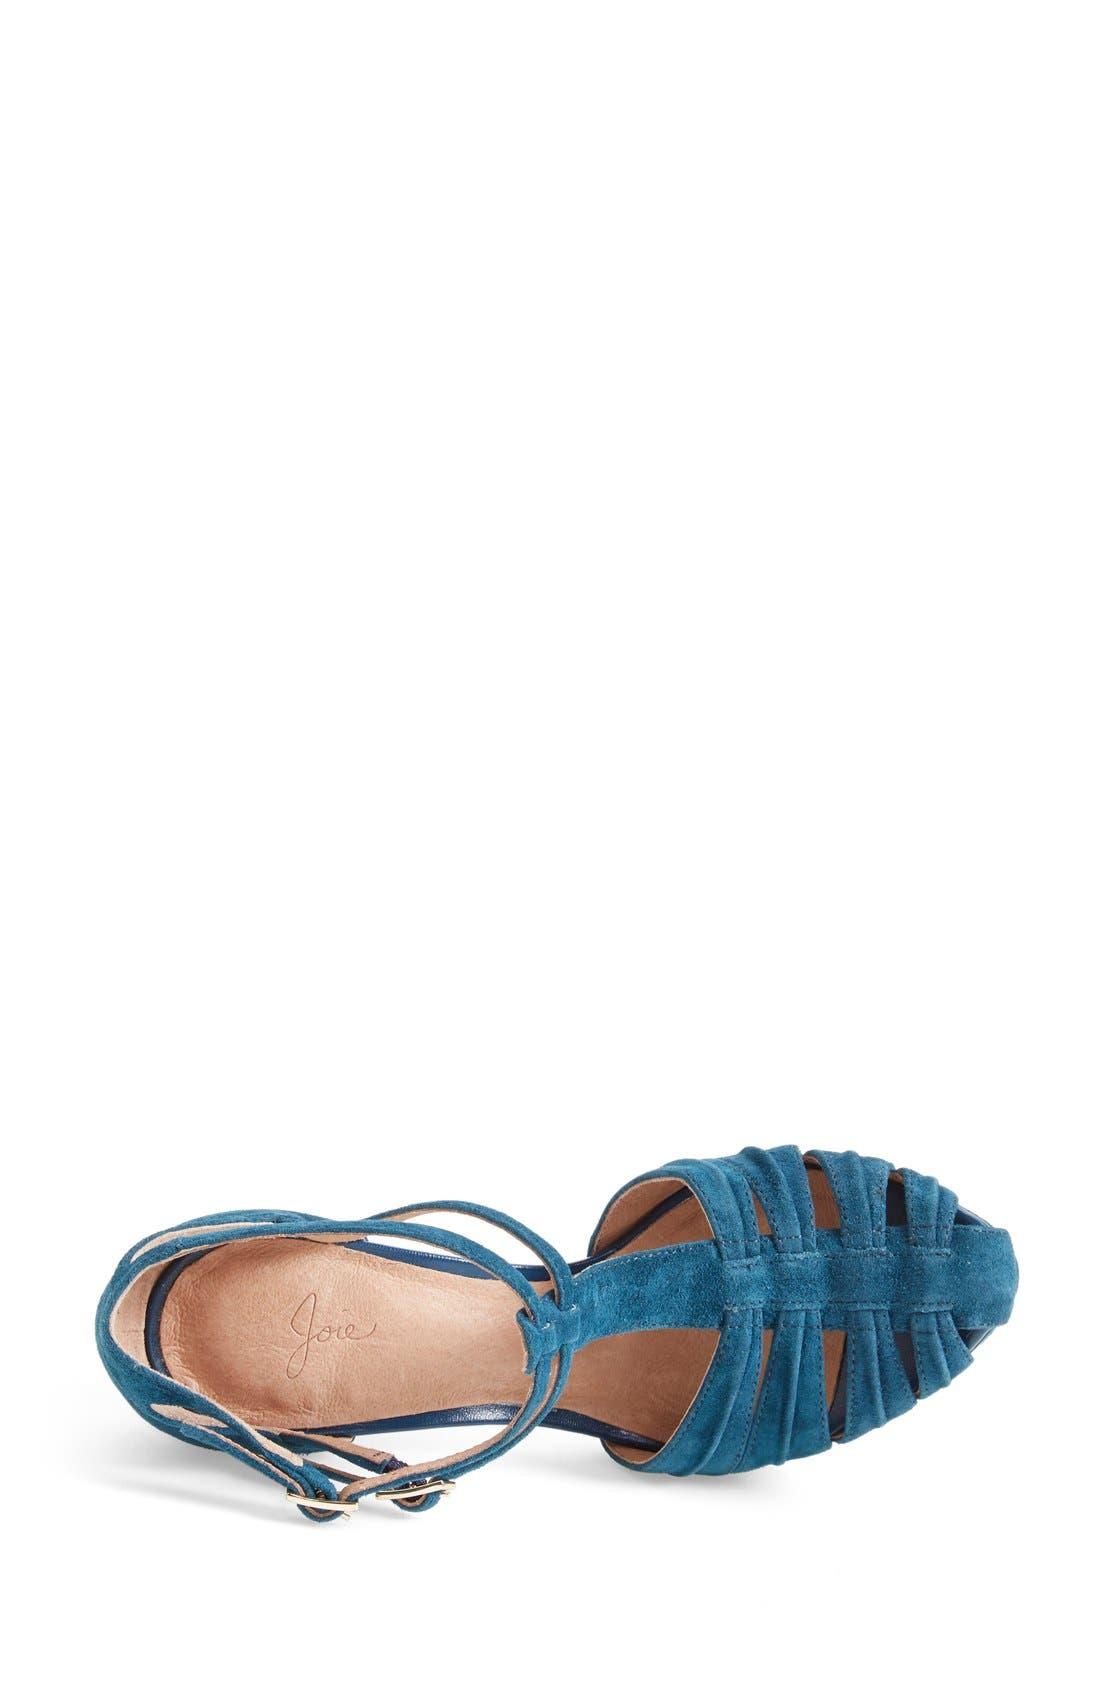 Alternate Image 3  - Joie 'Rexanne' Platform Sandal (Women)